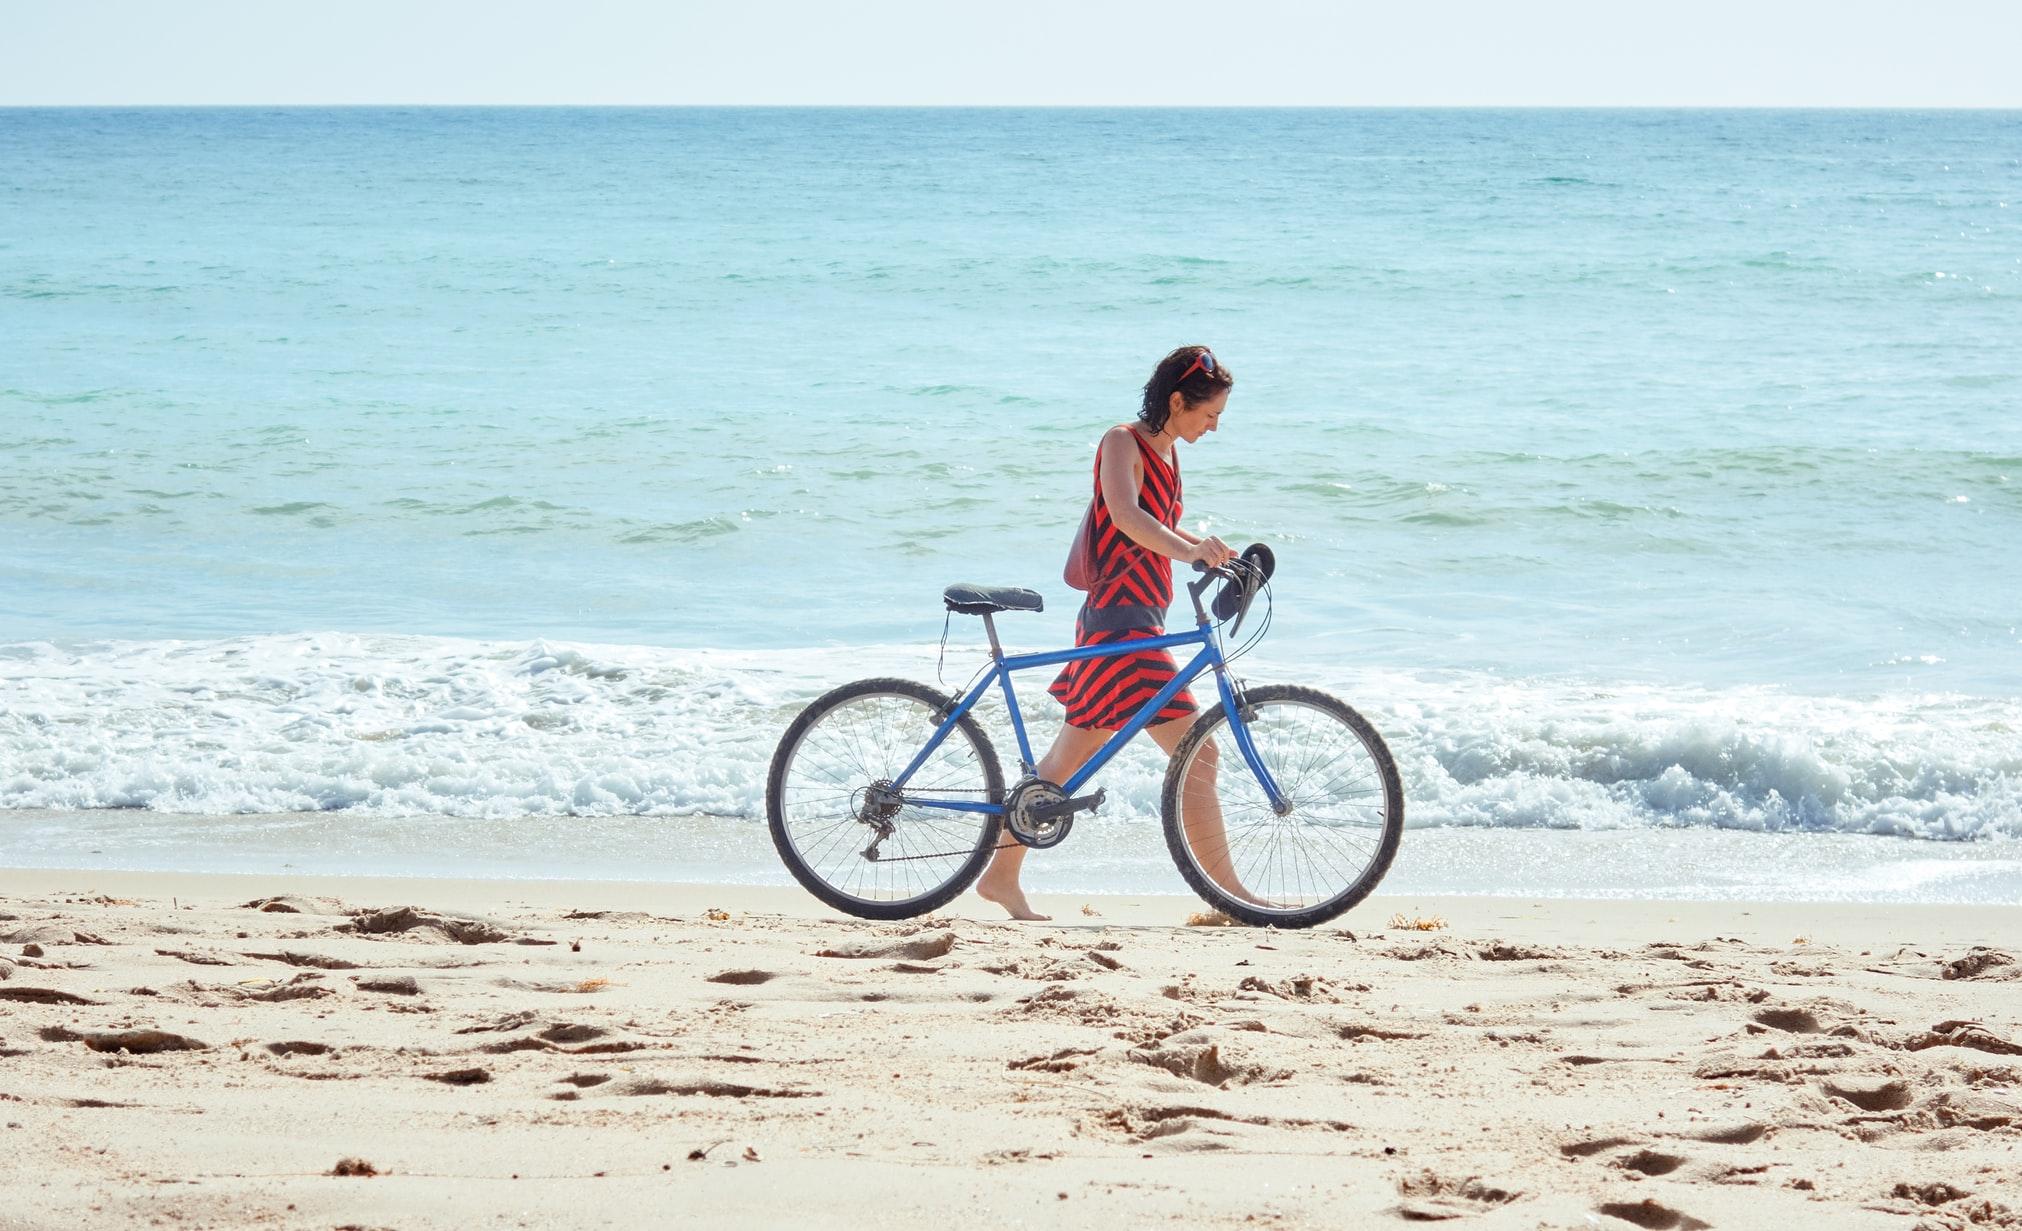 Zypern - mit dem Fahrrad zum Strand ohne jeden Stress und Parkplatzsorgen